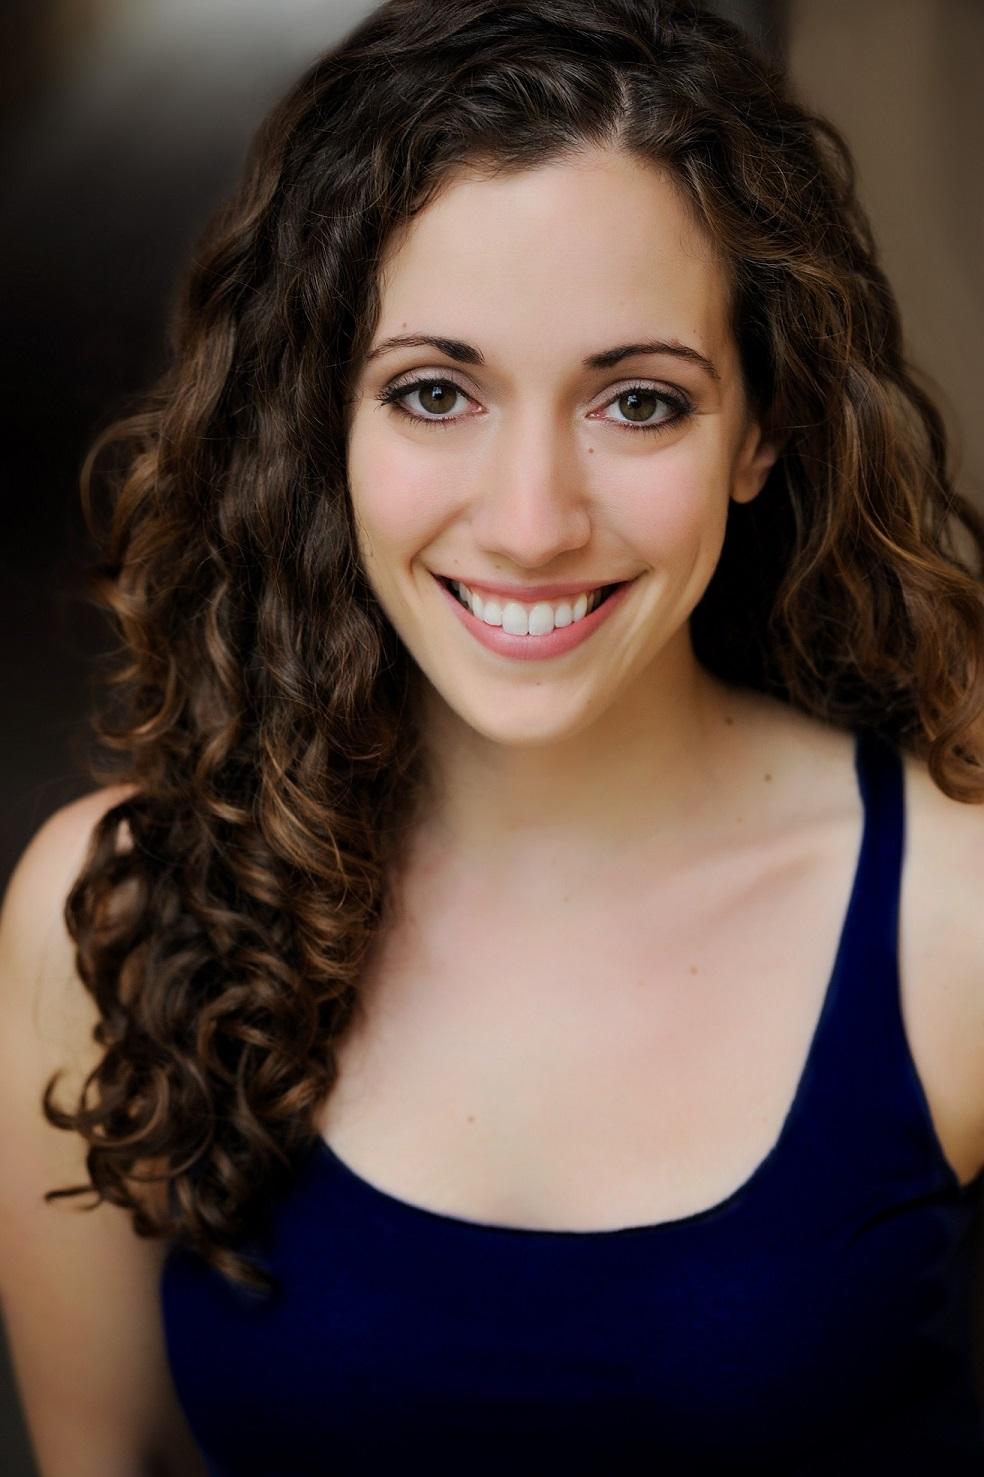 Stephanie LaVardera